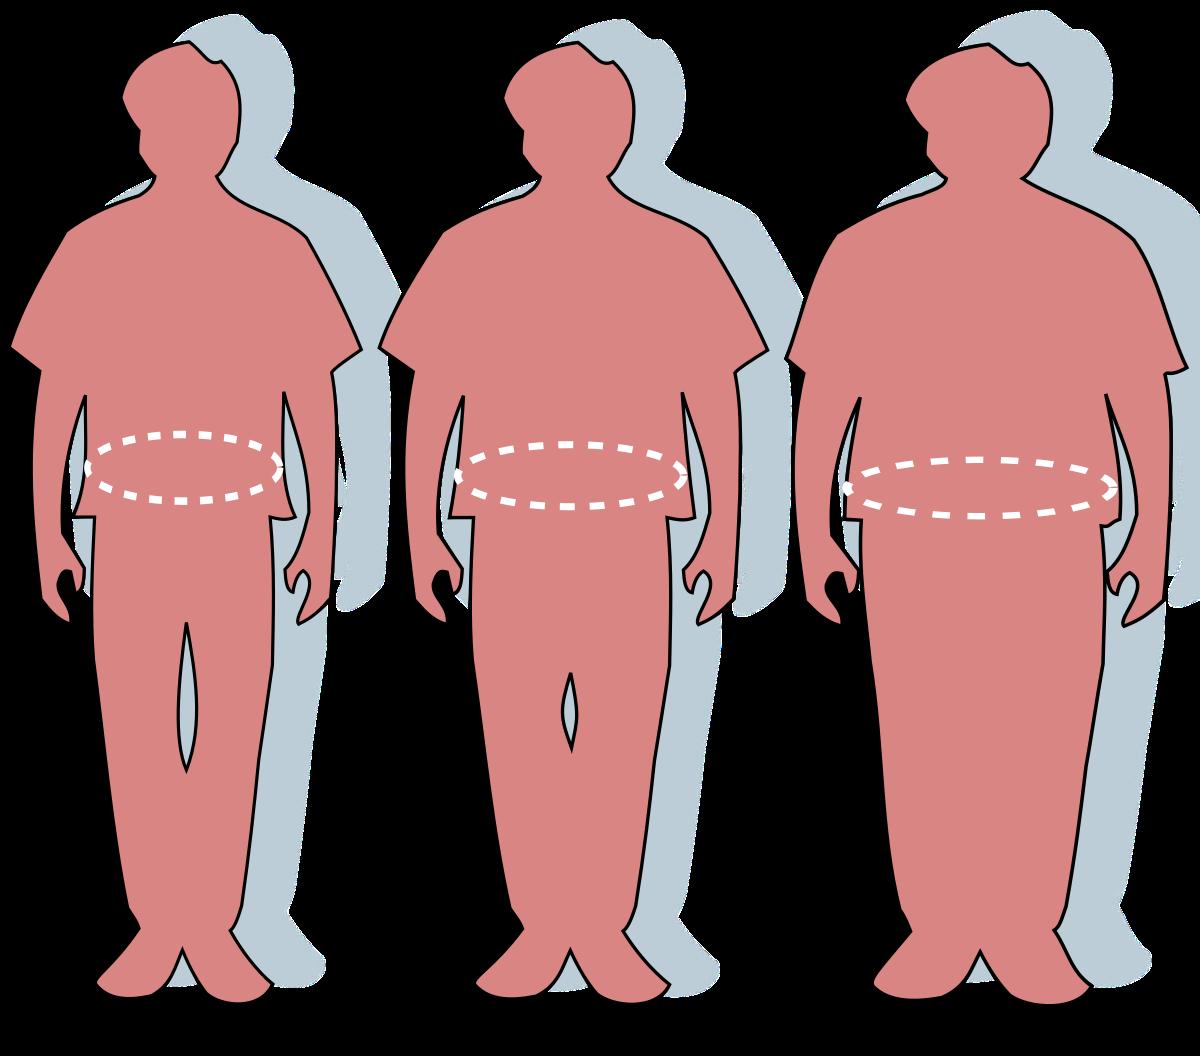 Elnőiesedett férfiak - A túlsúly nem csak az egészségnek árt